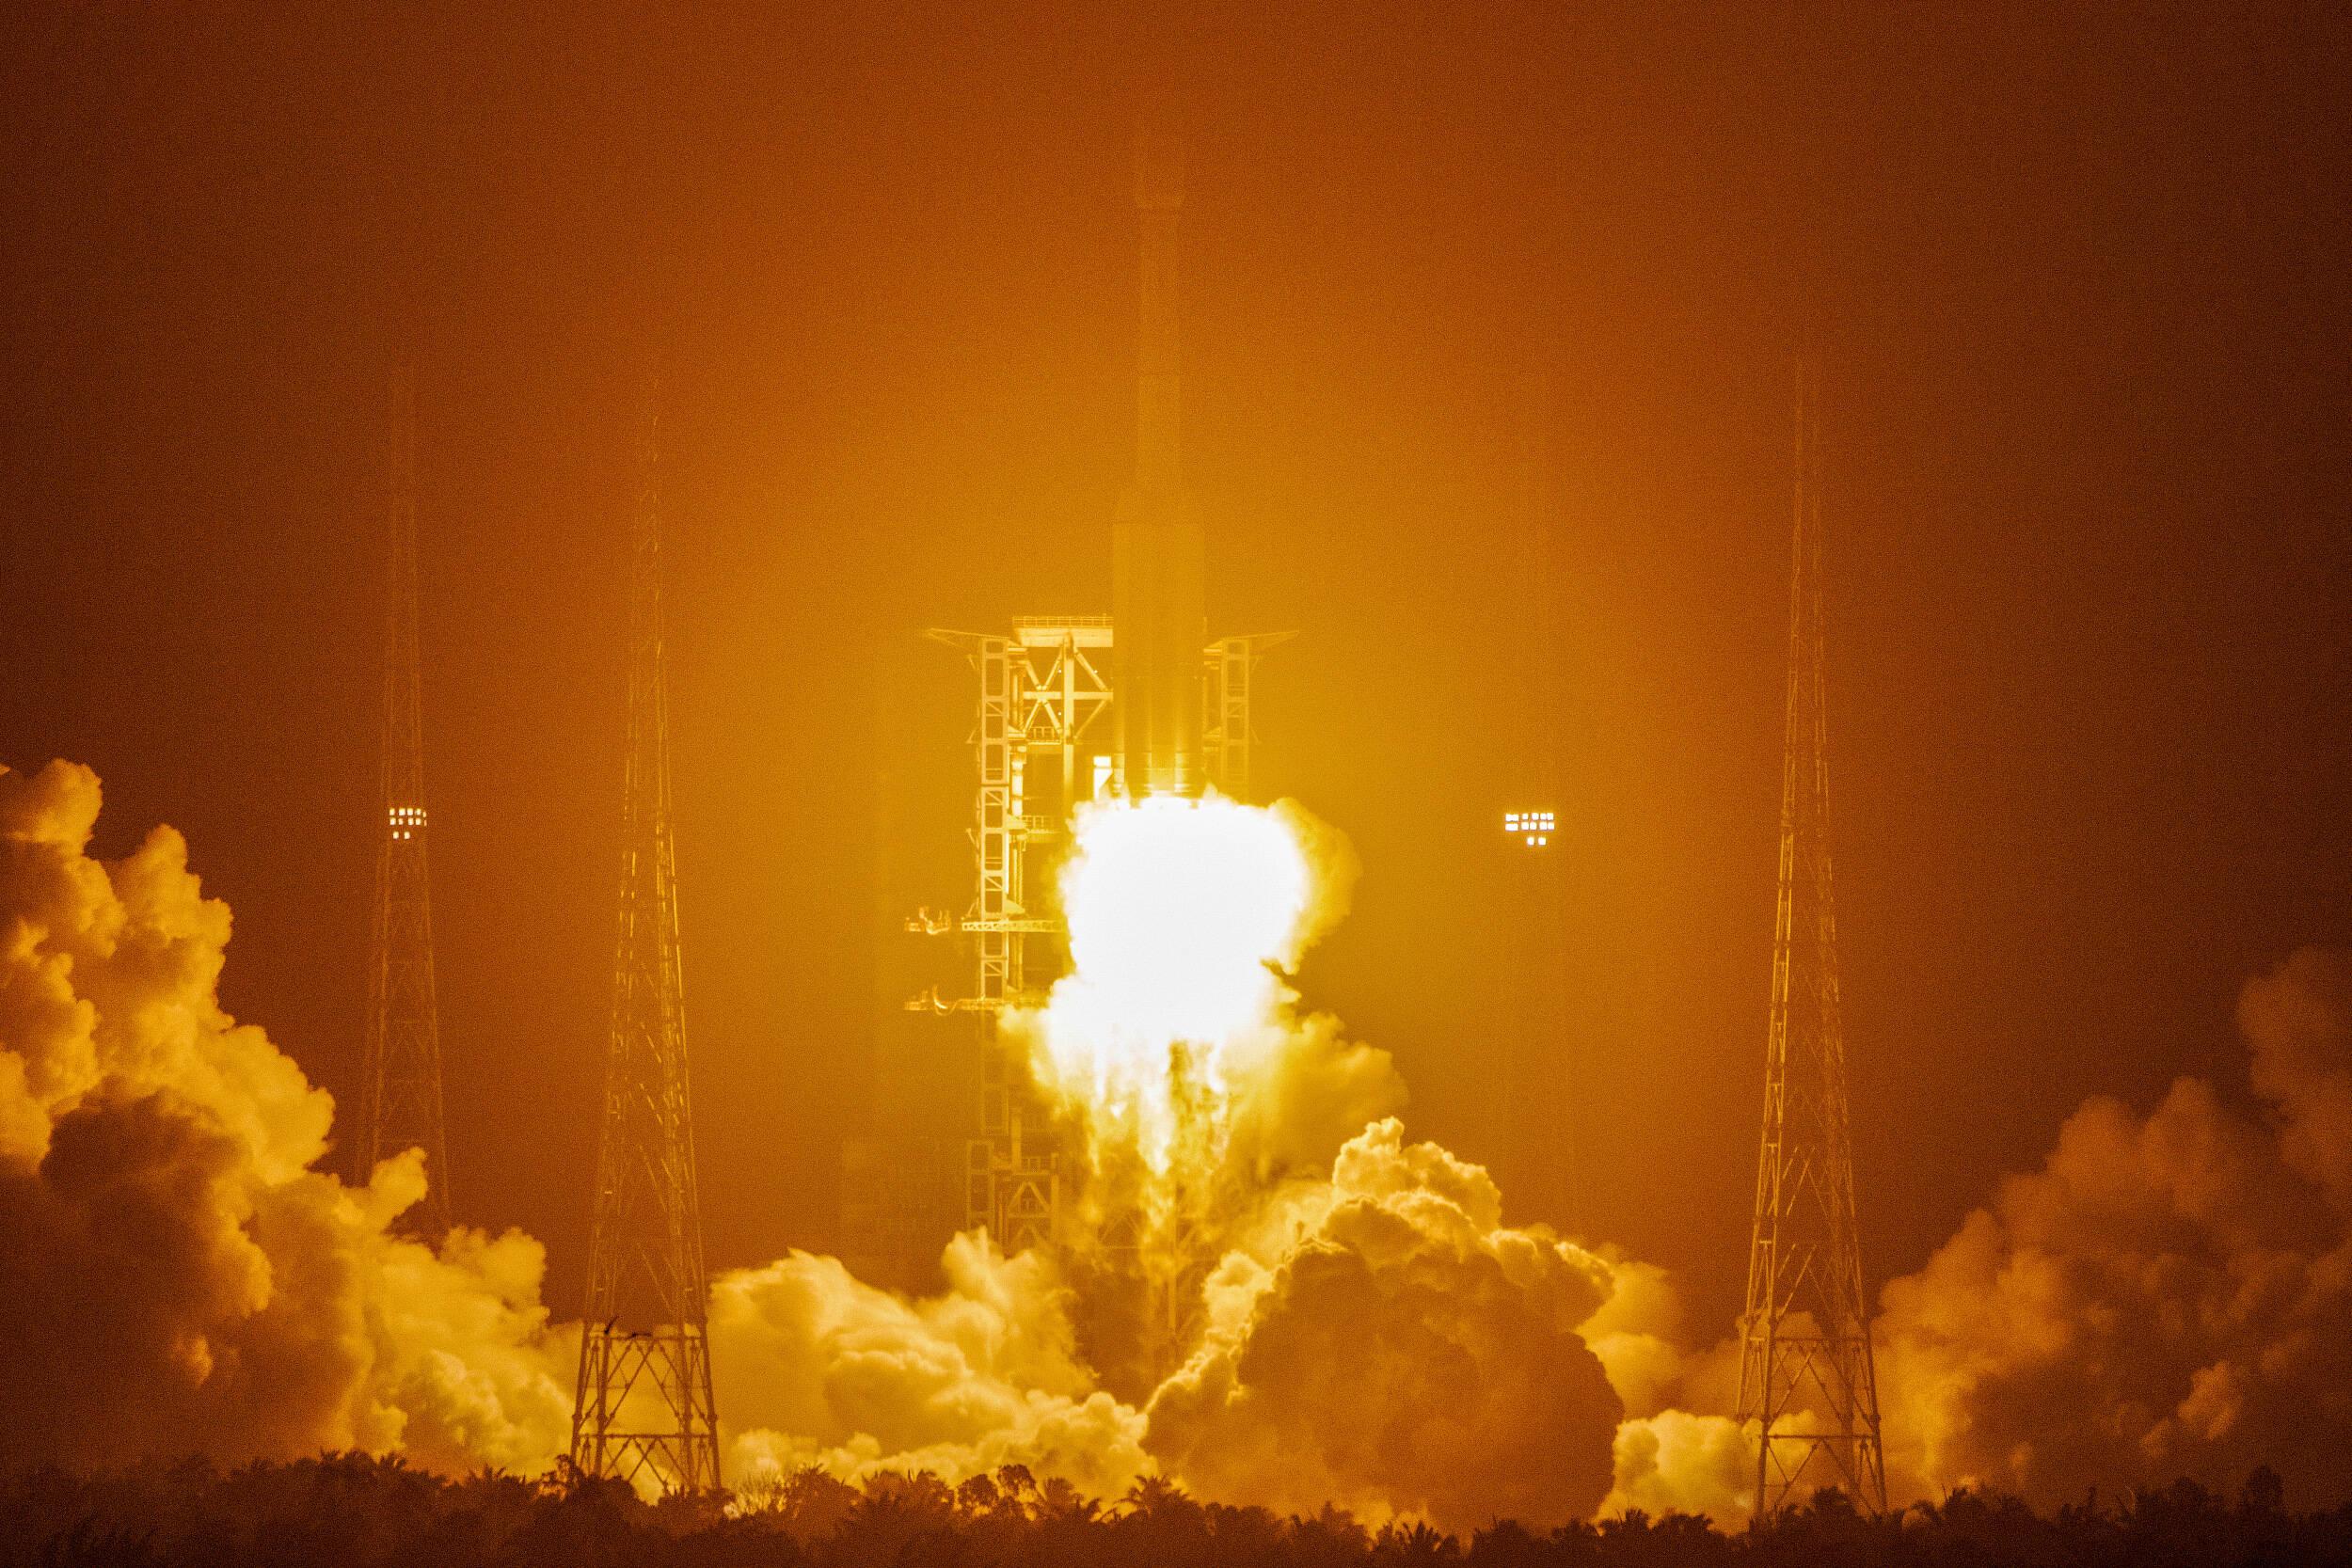 影像力丨长征系列第362次冲出地球 长征七号改遥二运载火箭发射成功